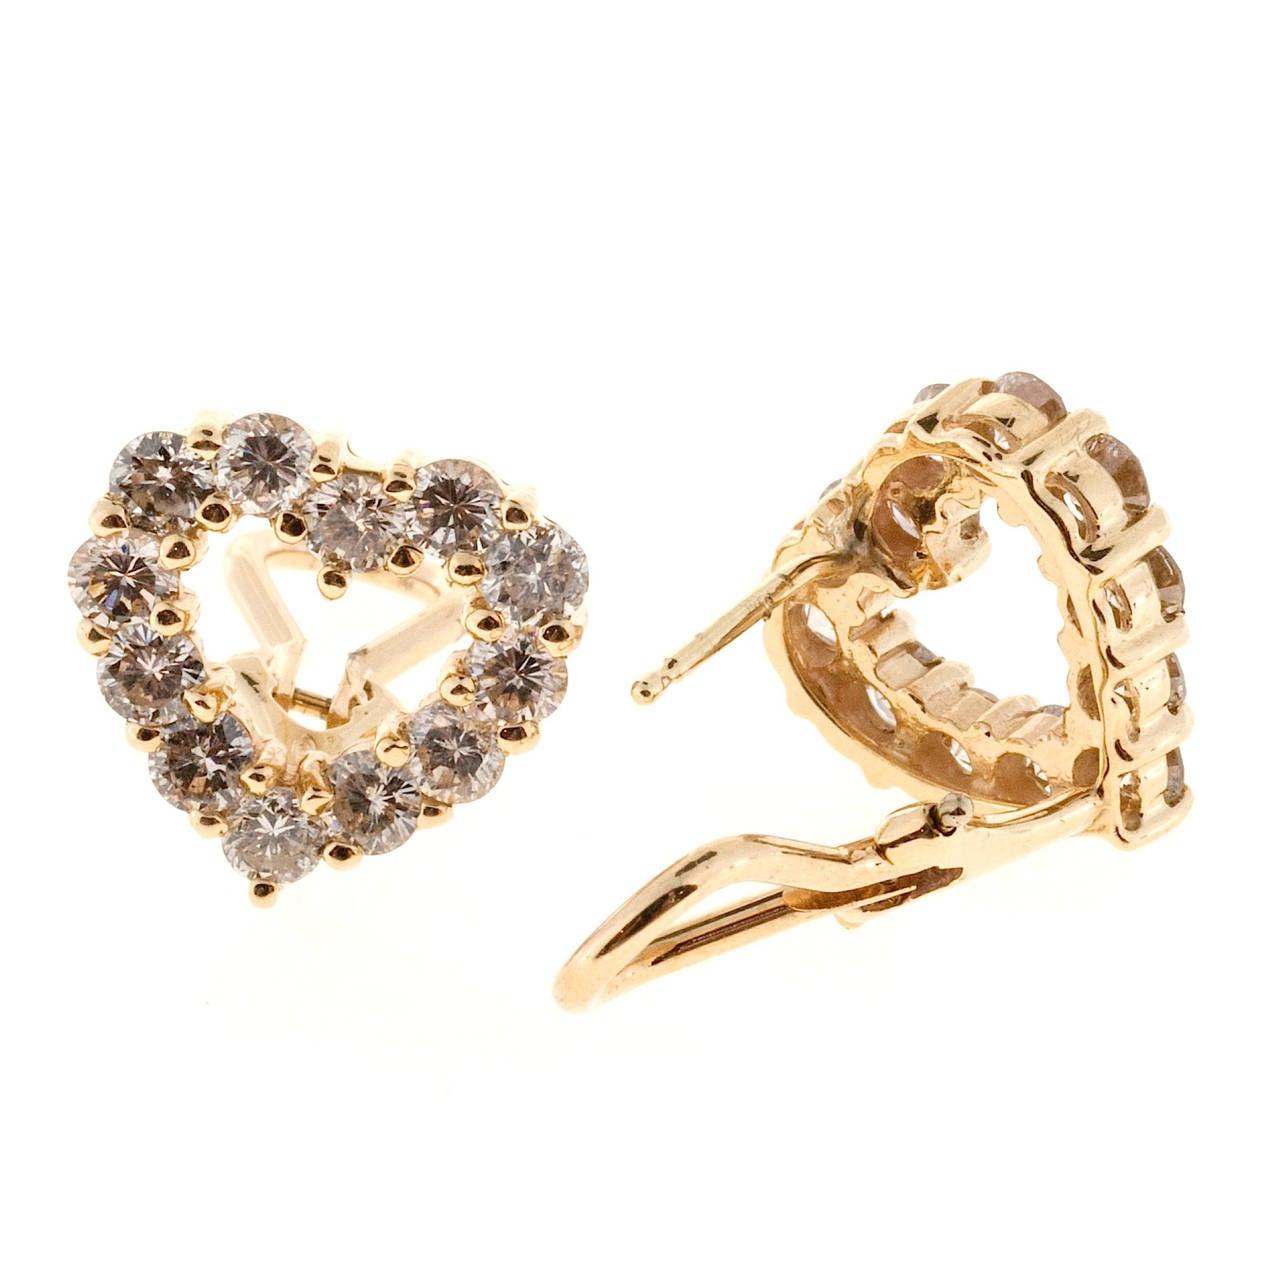 Women's Diamond Gold Heart Shaped Earrings For Sale